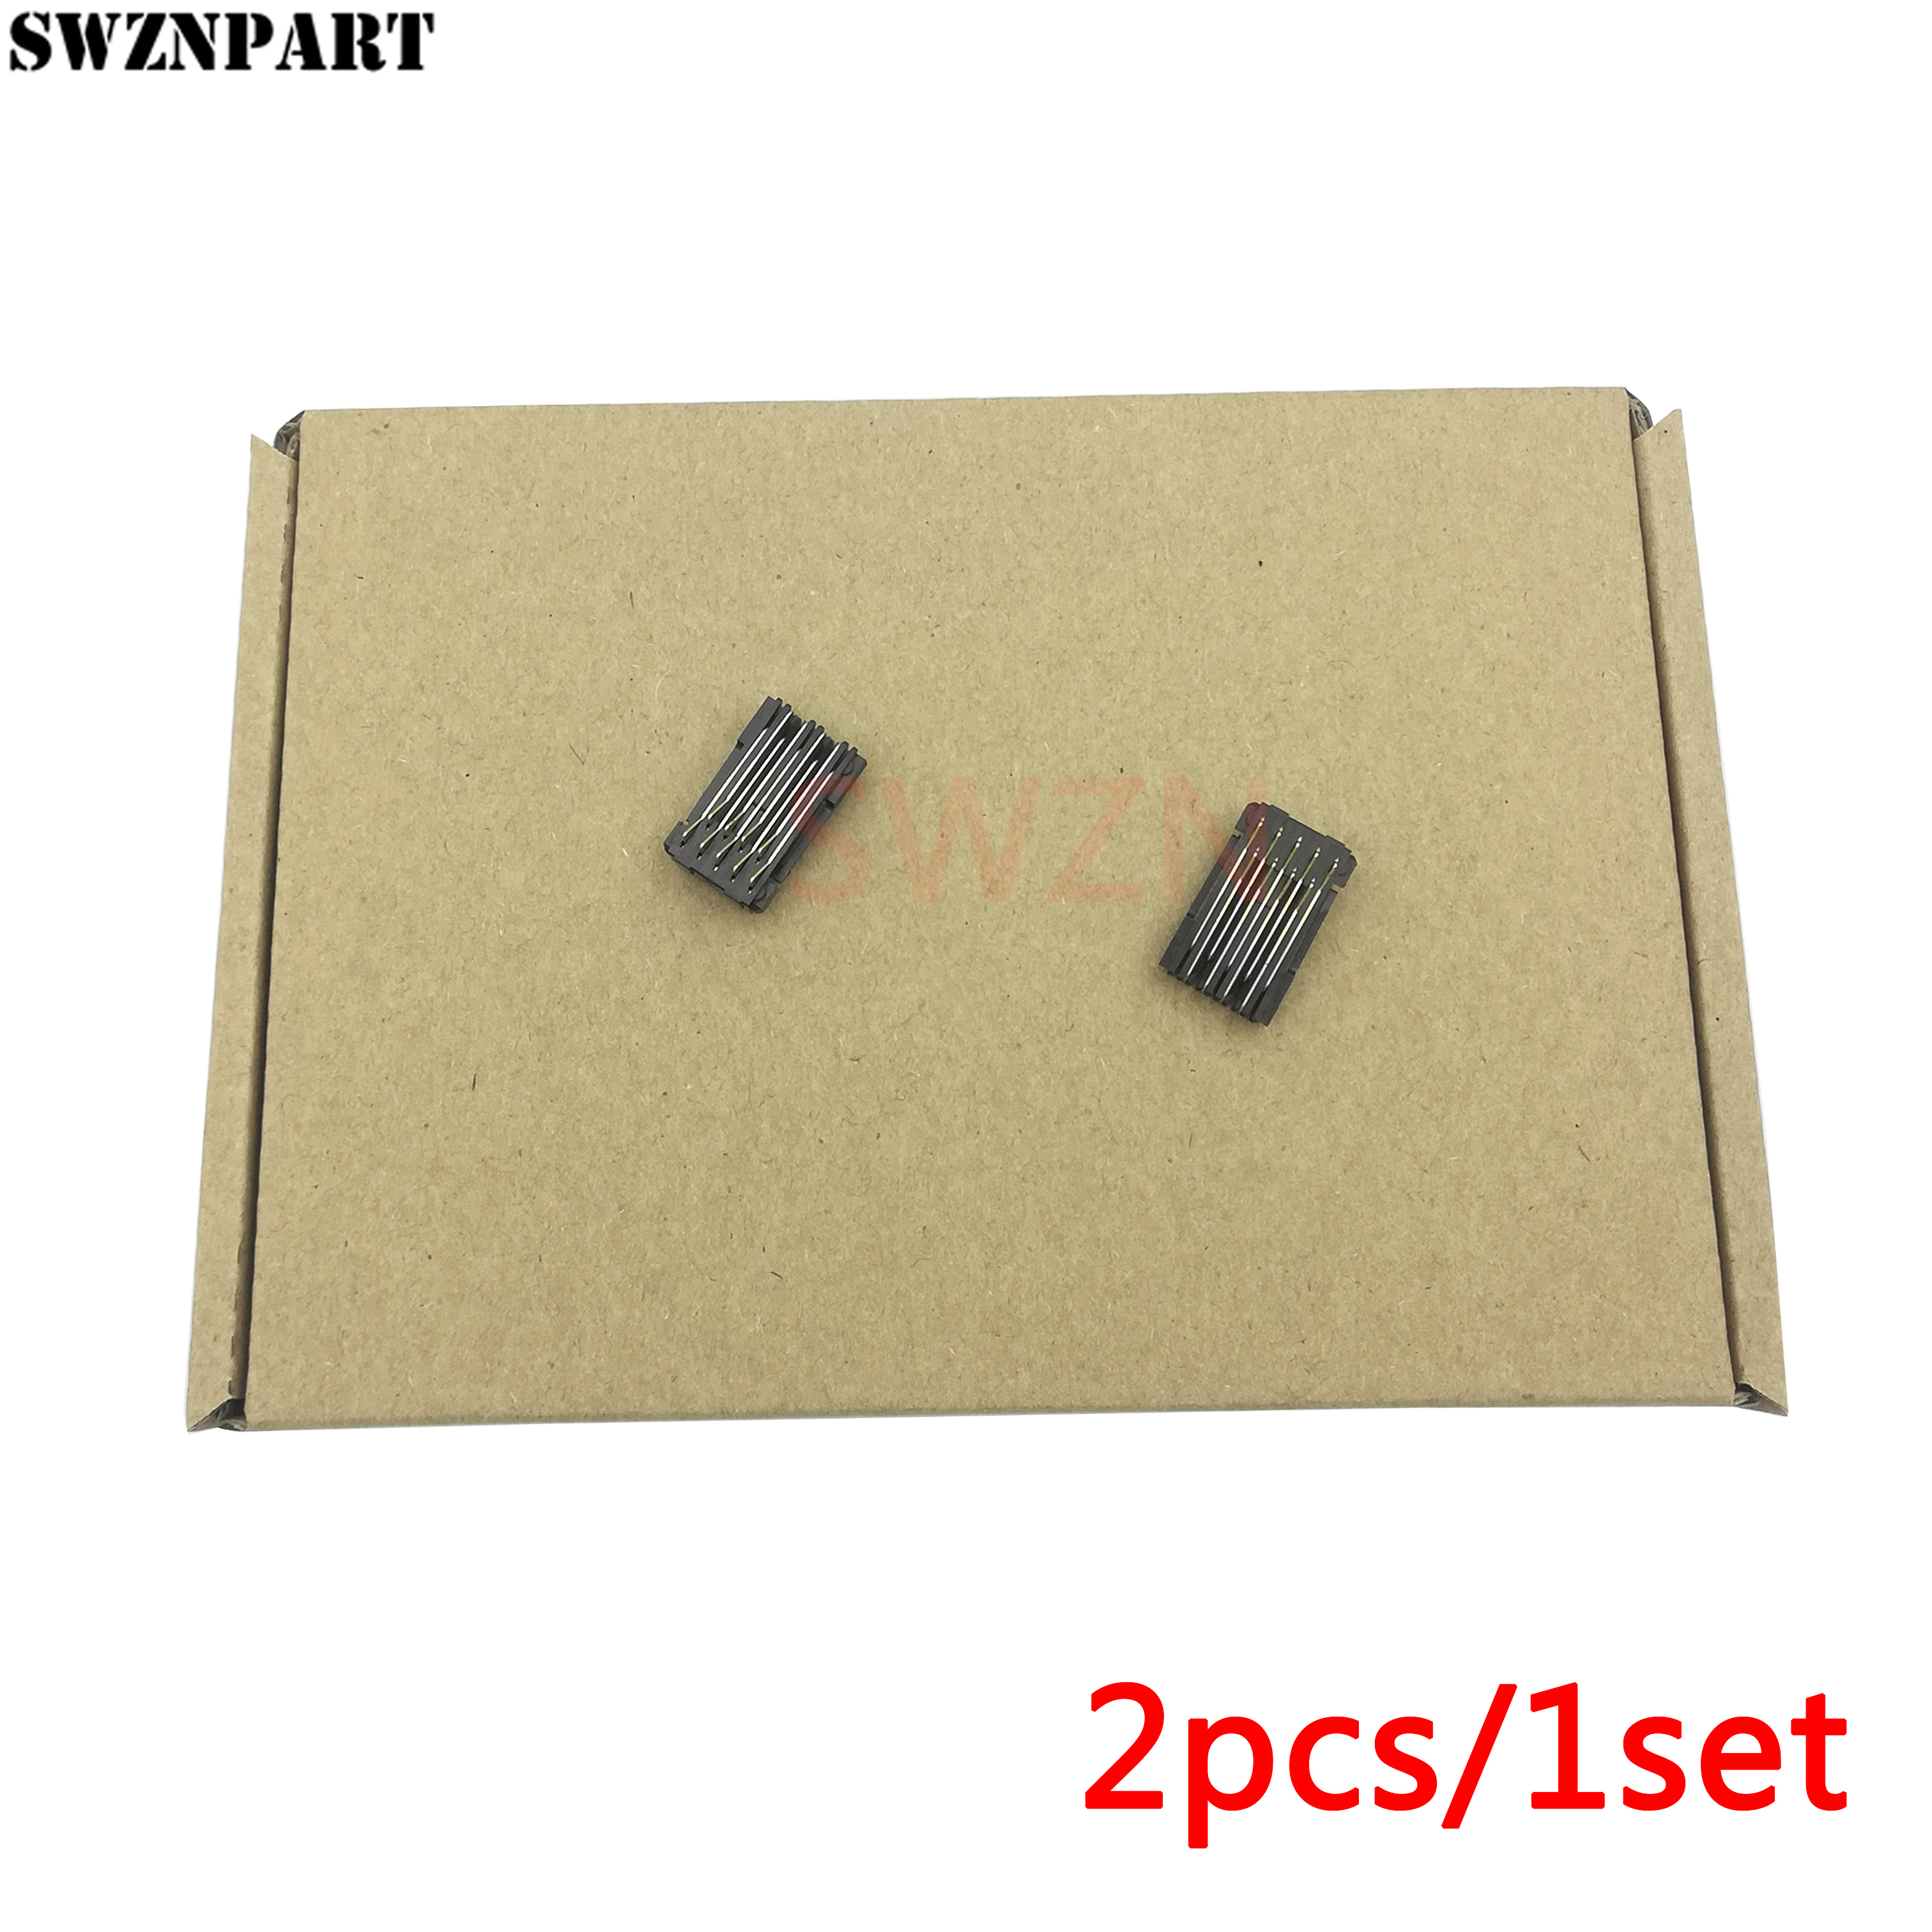 2pcs CSIC ASSY For Epson WF-2510 WF-2520 WF-2530 Cartridge Chip Board